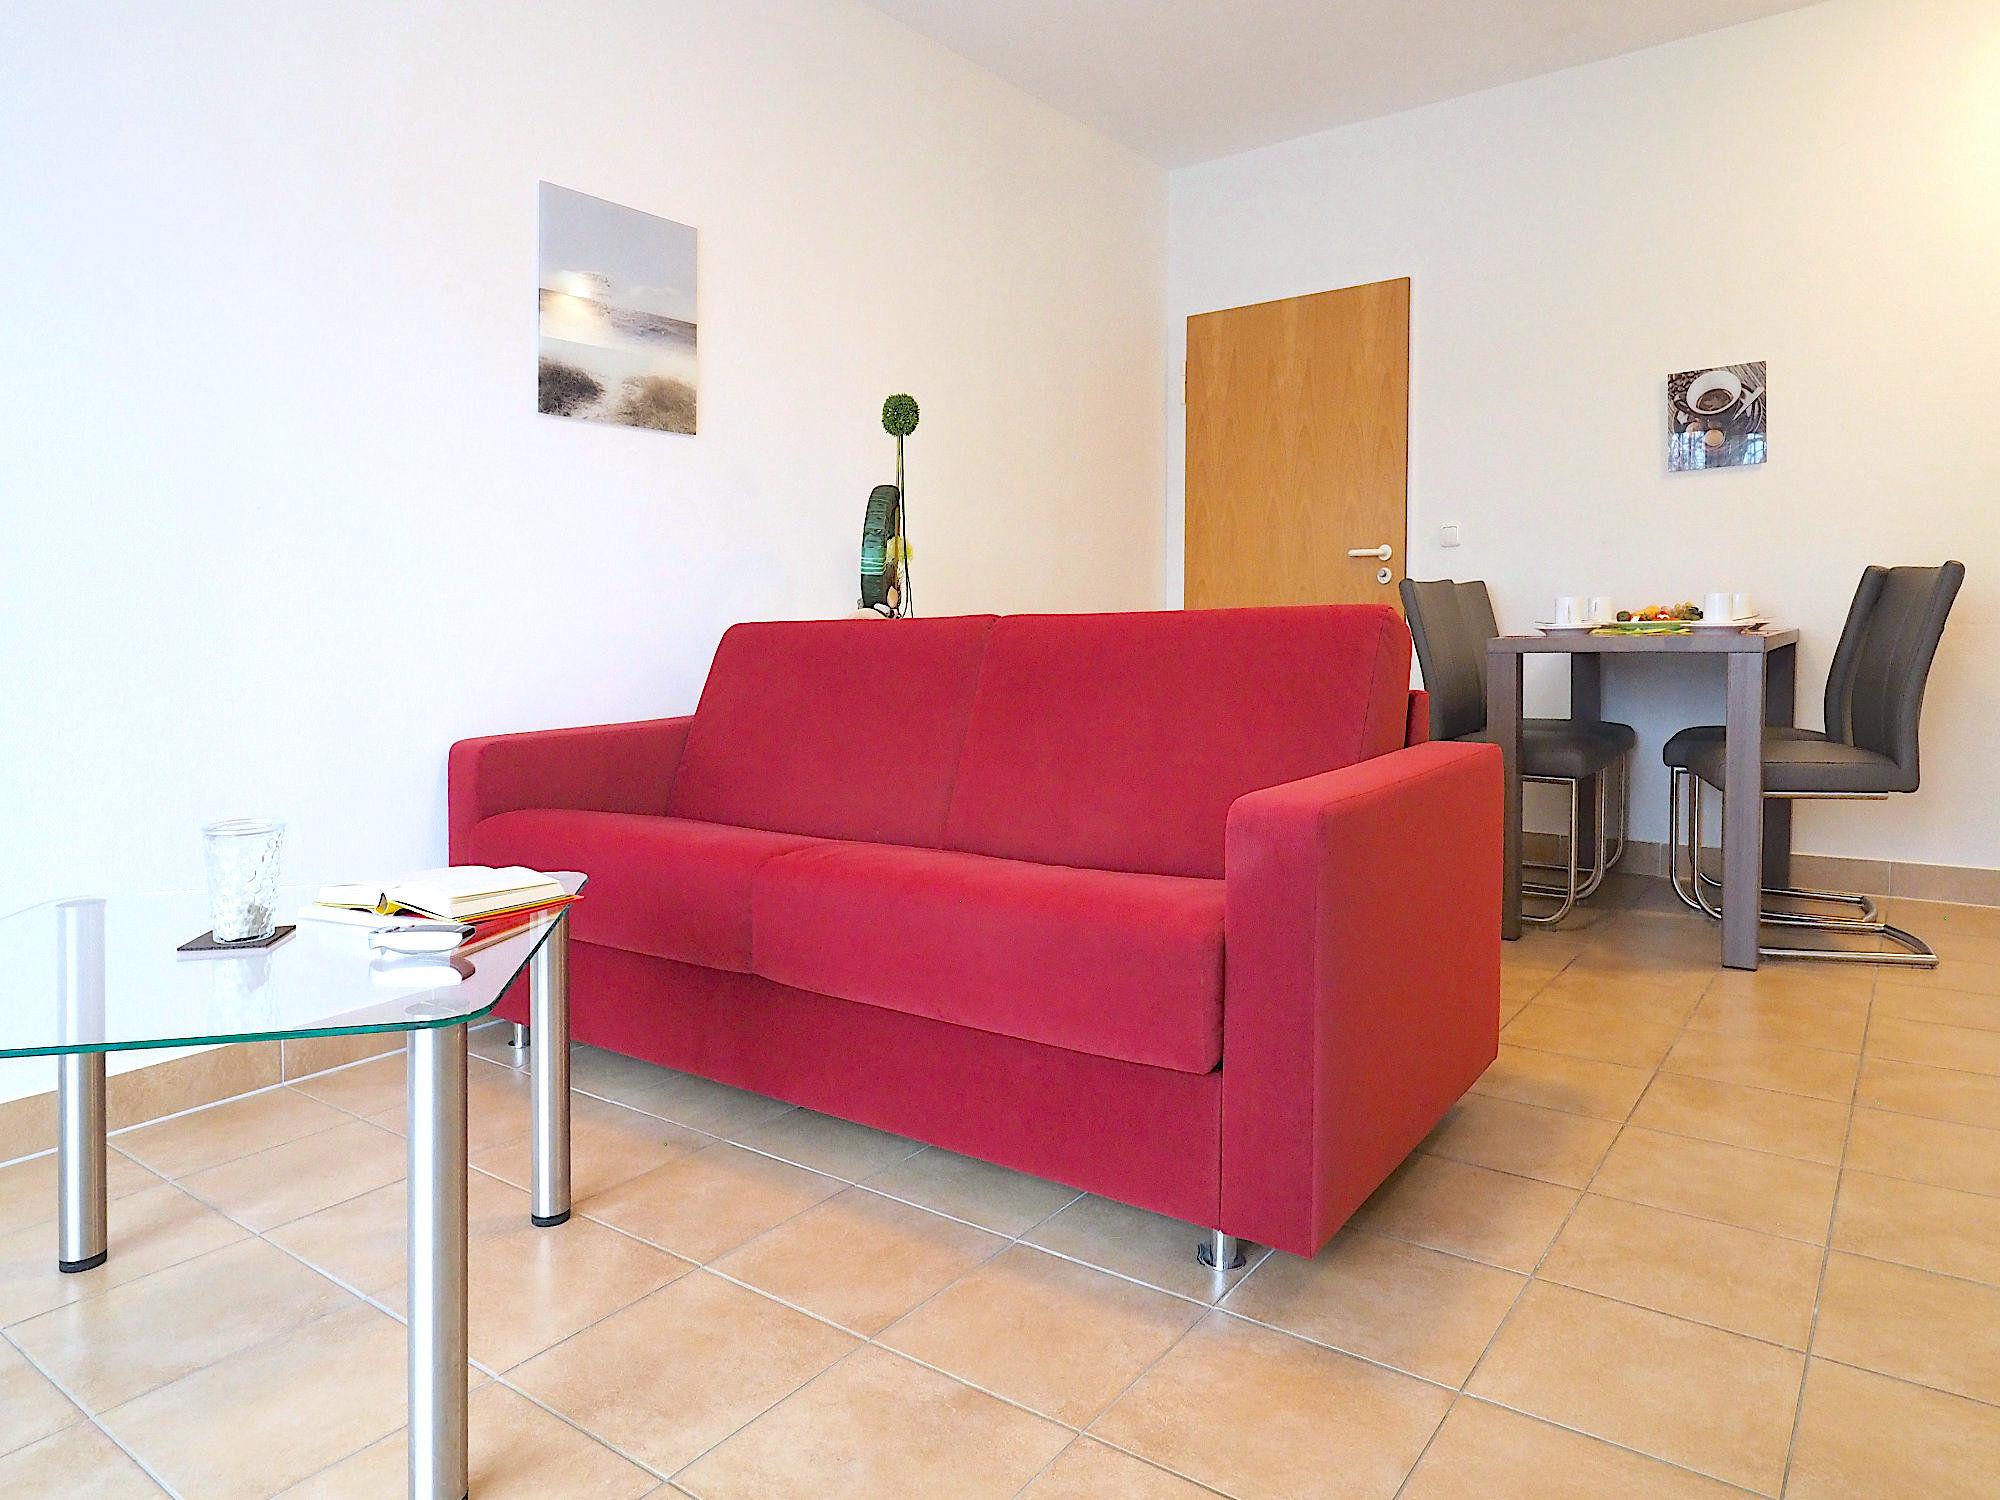 Wohnzimmer mit Couch, im Hintergrund ein Esstisch mit Stühlen